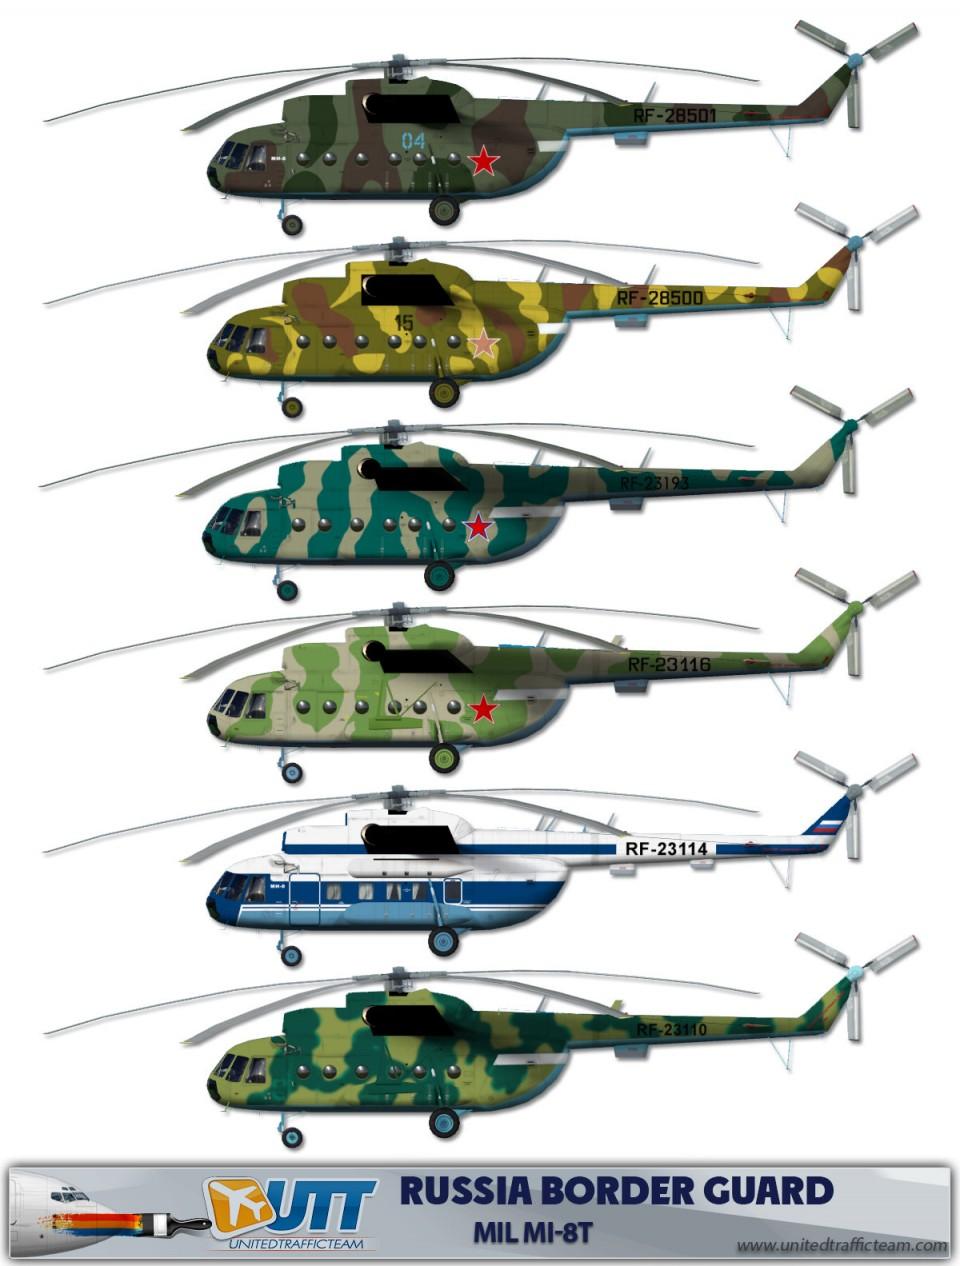 Russia Border Guard Mil Mi-8T